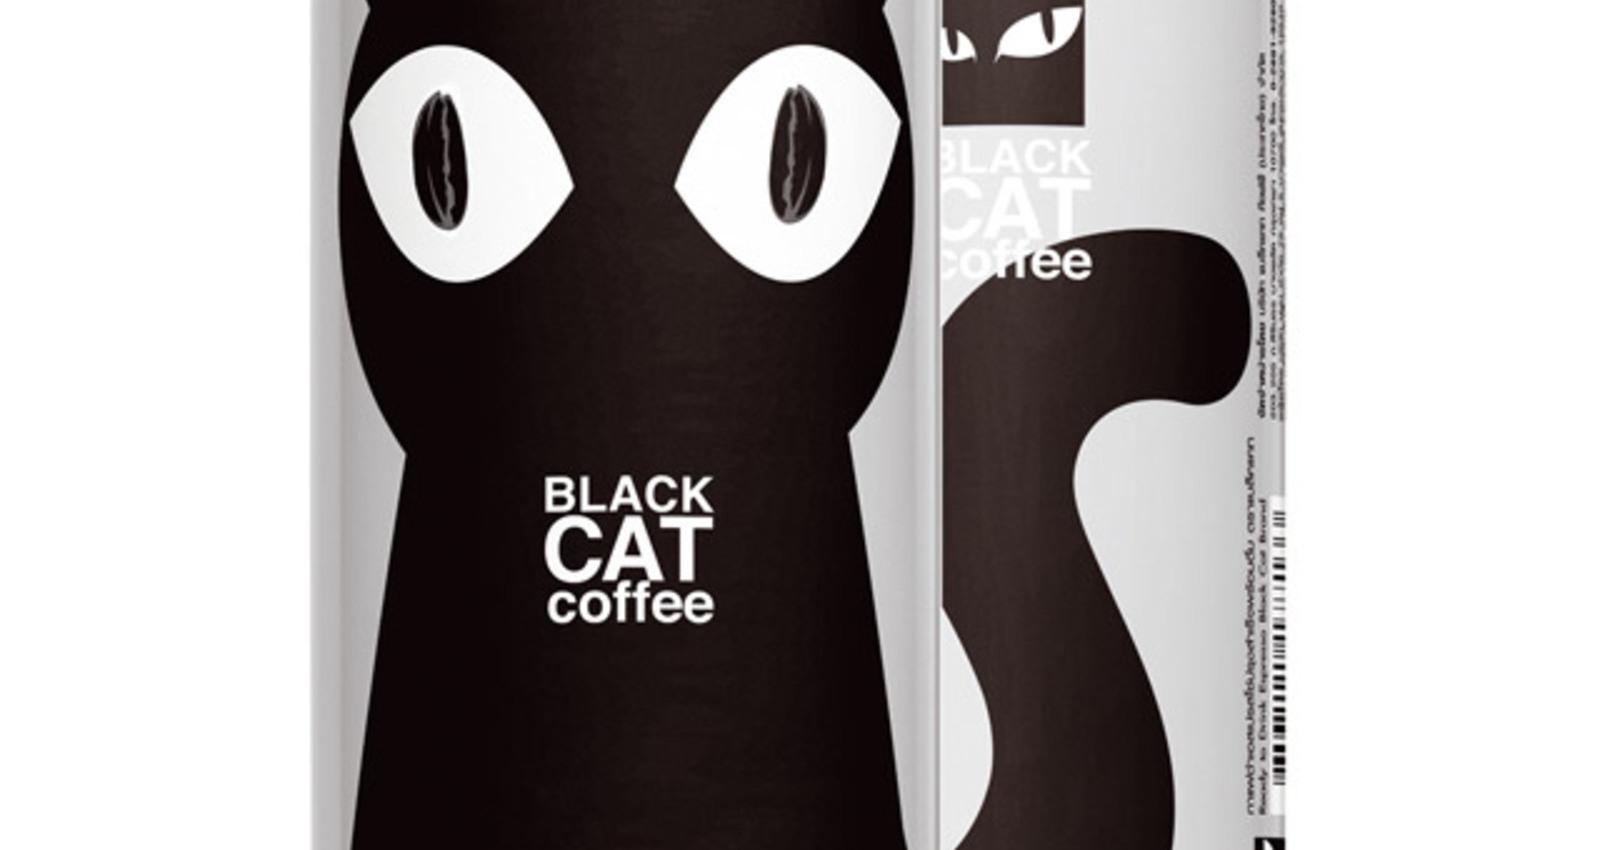 Black Cat Coffee